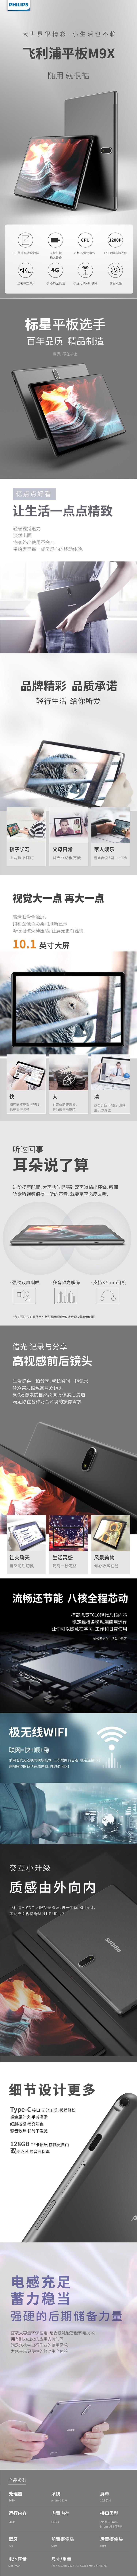 飞利浦平板-m9X-web.V3.2-750.jpg